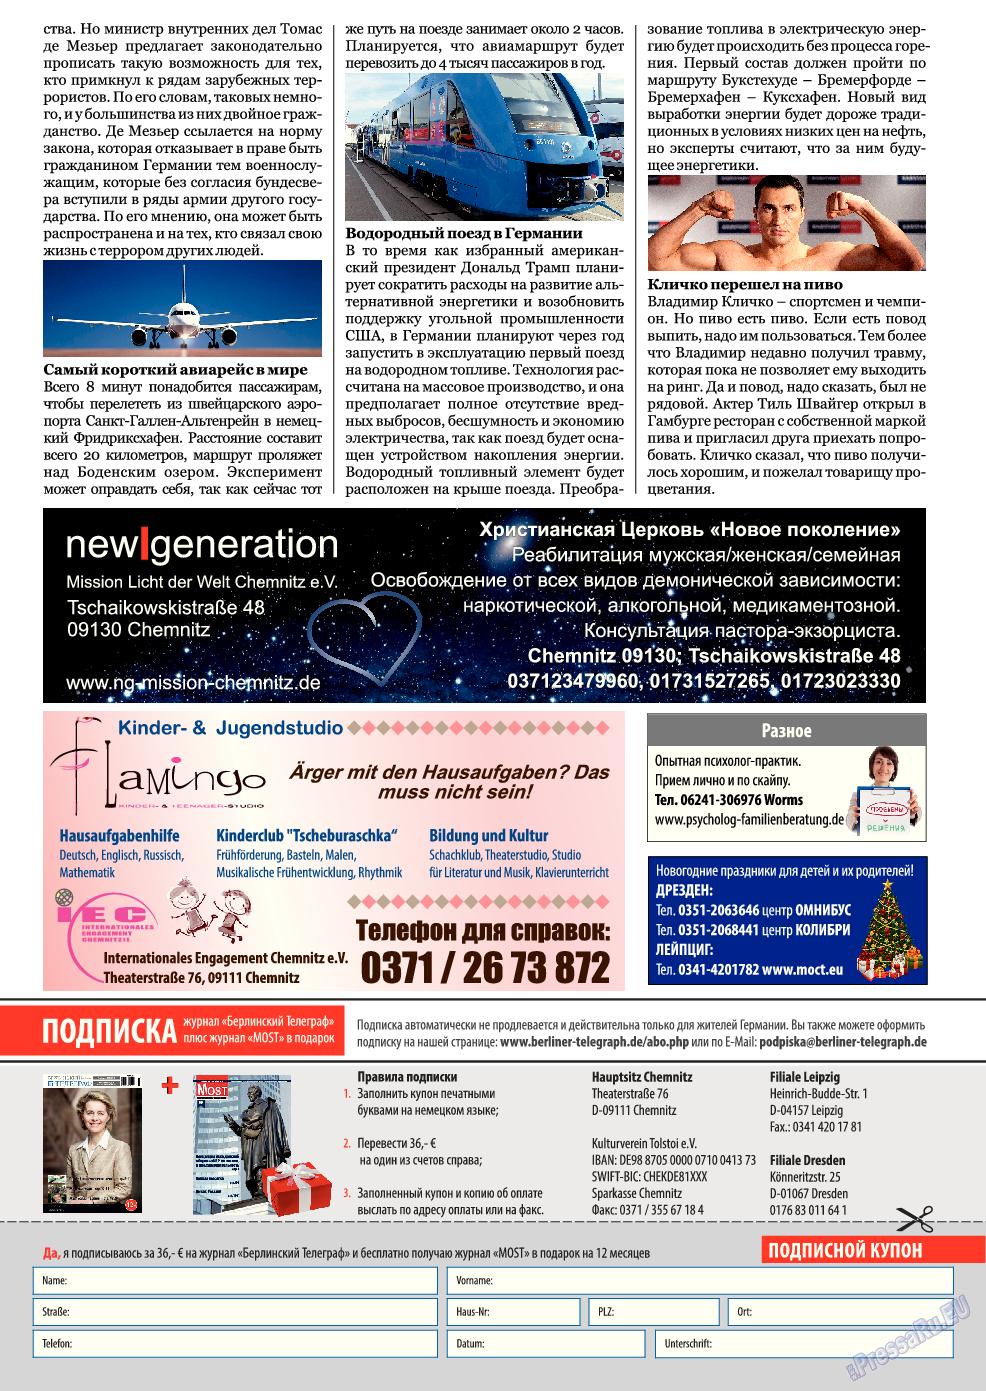 Берлинский телеграф (журнал). 2016 год, номер 17, стр. 9